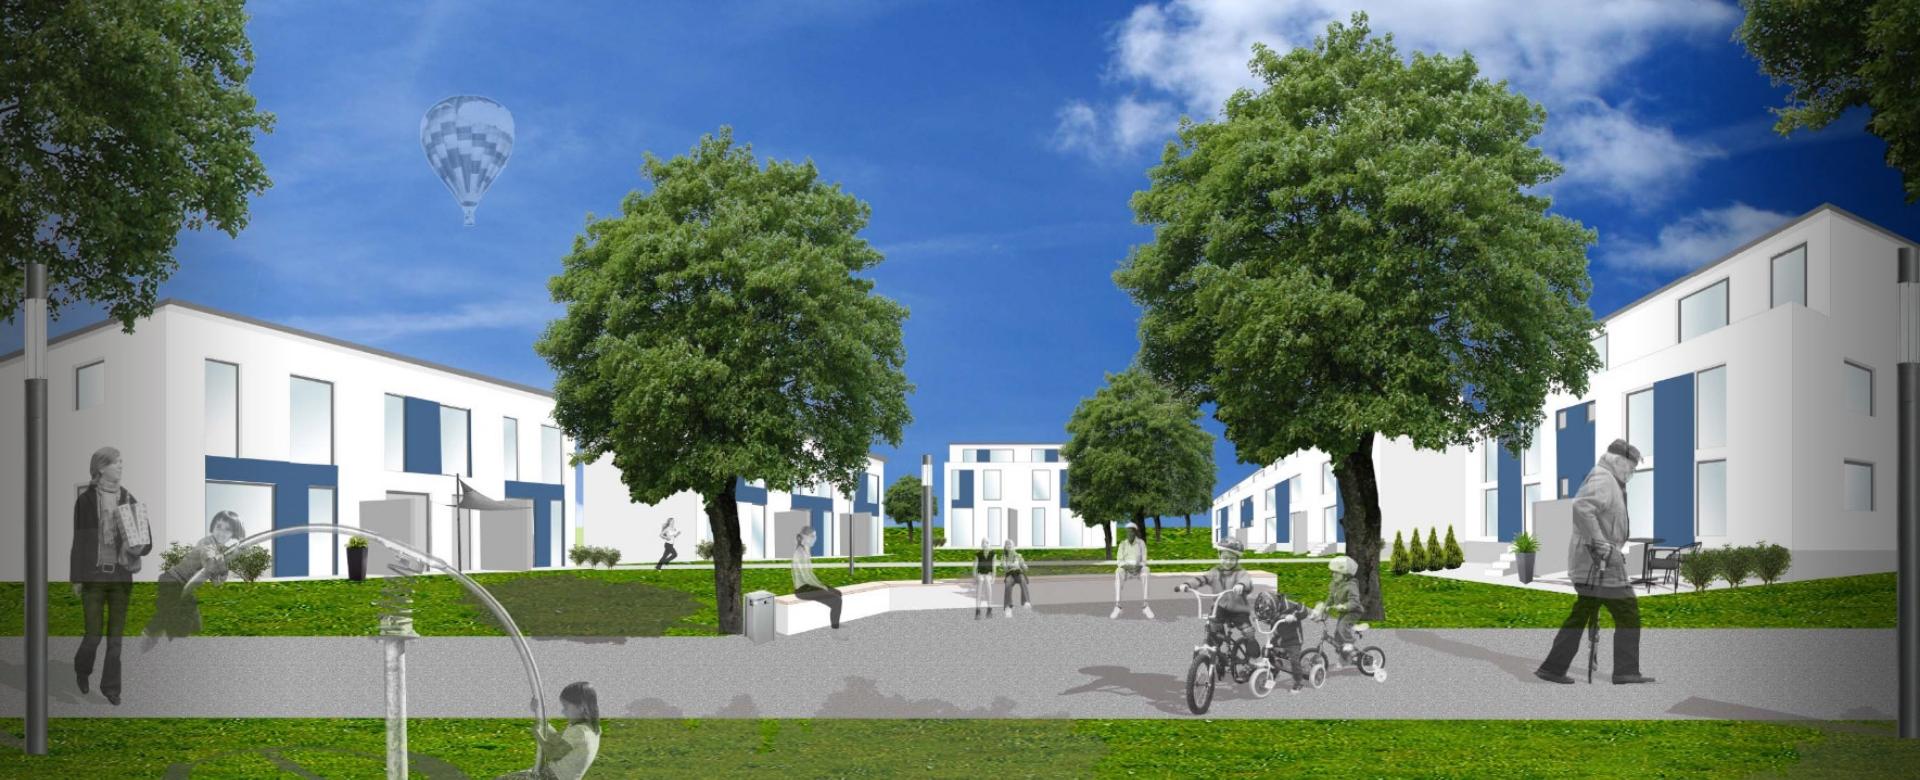 Städtebaulicher Wettbewerb Quartiersentwicklung Mühlenkamp